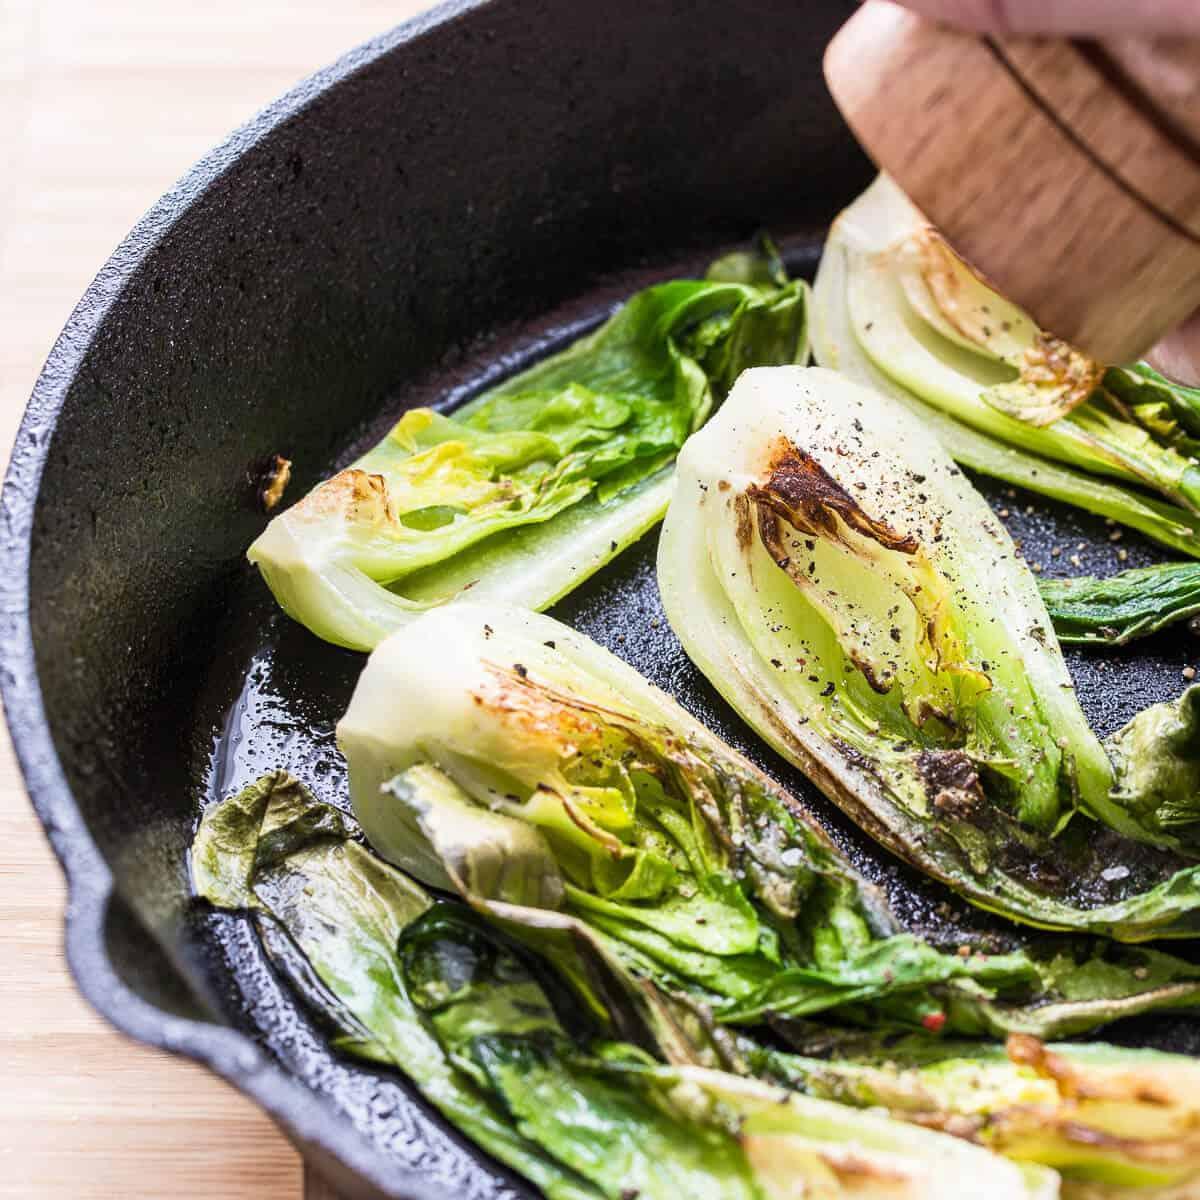 seasoning stir fry bok choy in skillet with pepper.